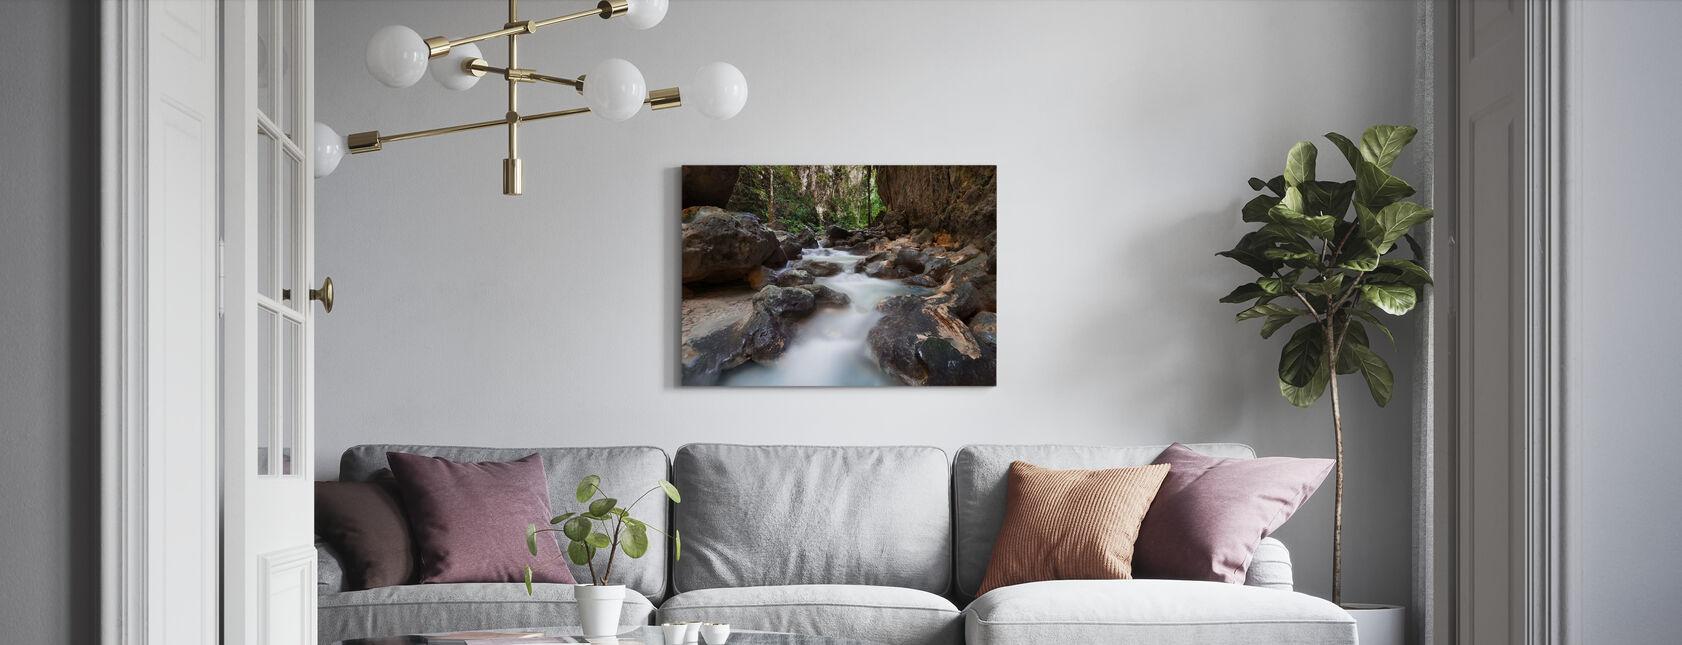 Canyon at Kawasan Falls II - Canvas print - Living Room